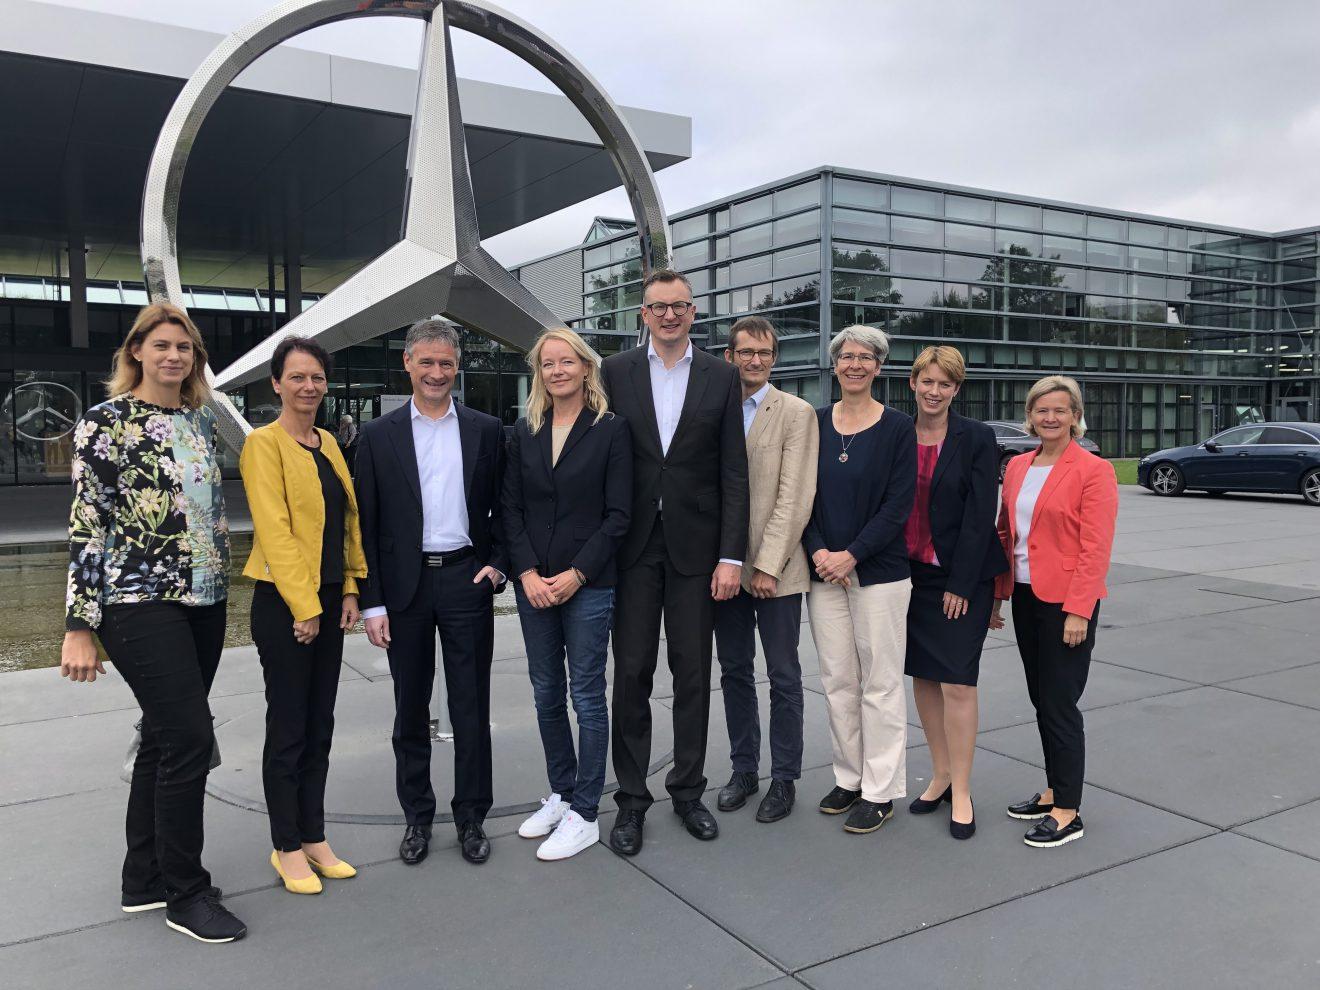 Besuch beim Mercedes-Benz Werk in Sindelfingen